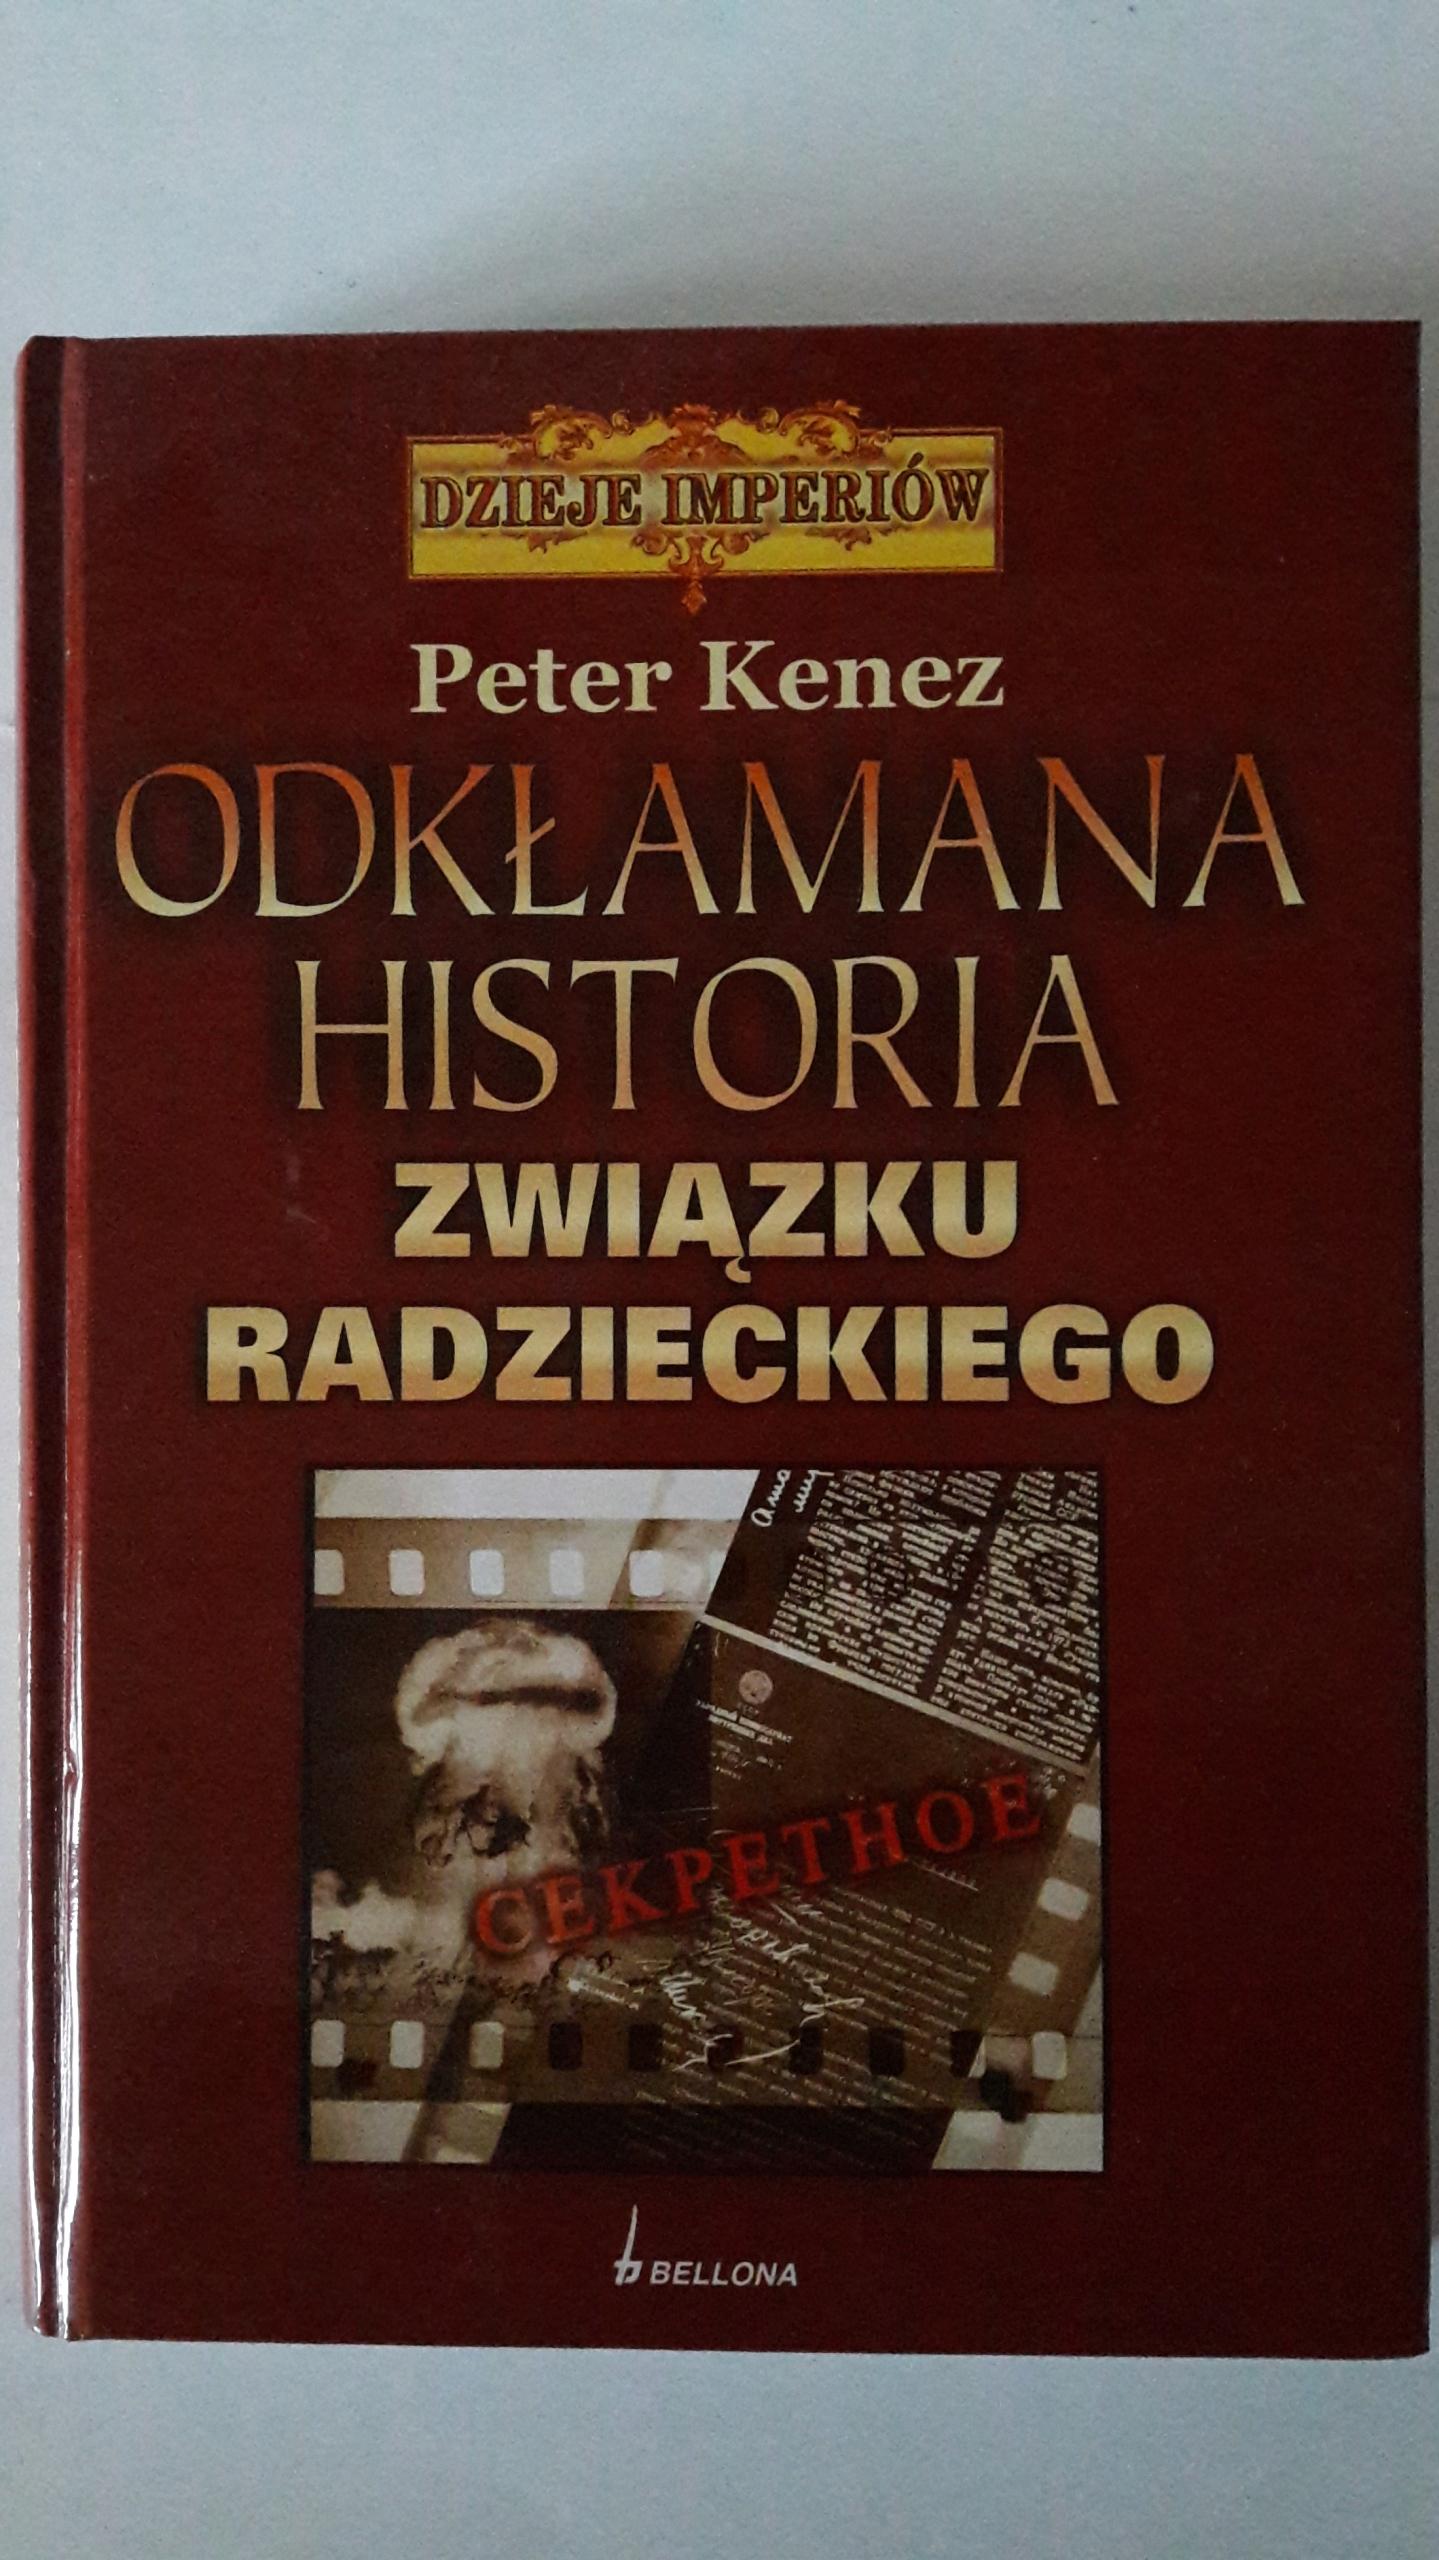 Odkłamana historia Związku Radzieckiego - P. Kenez